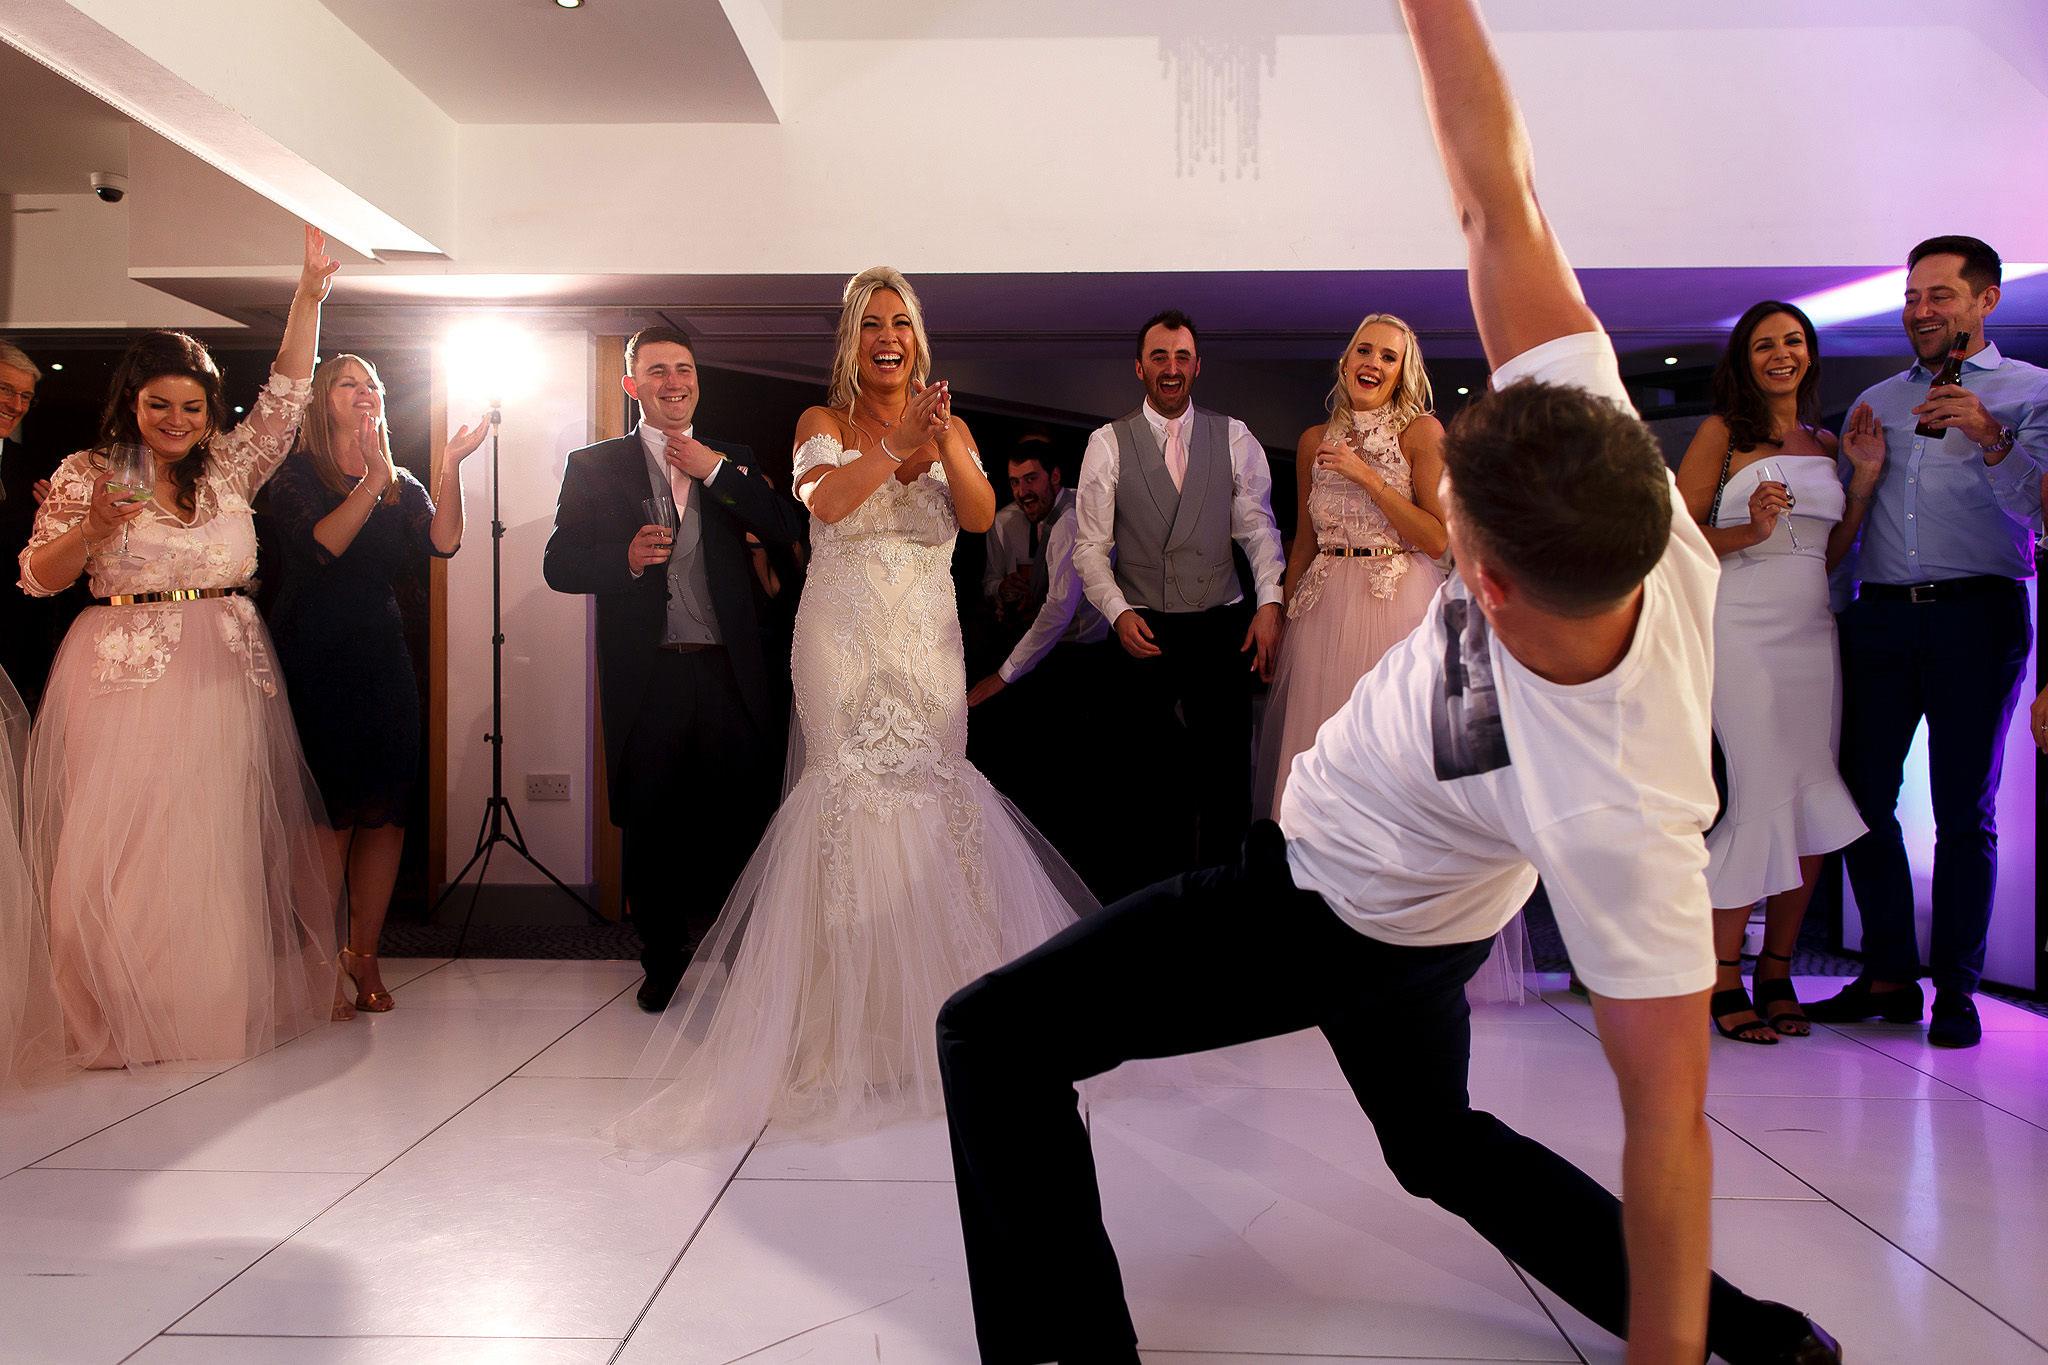 Groom break dancing on the dance floor at Hurlston Hall Wedding